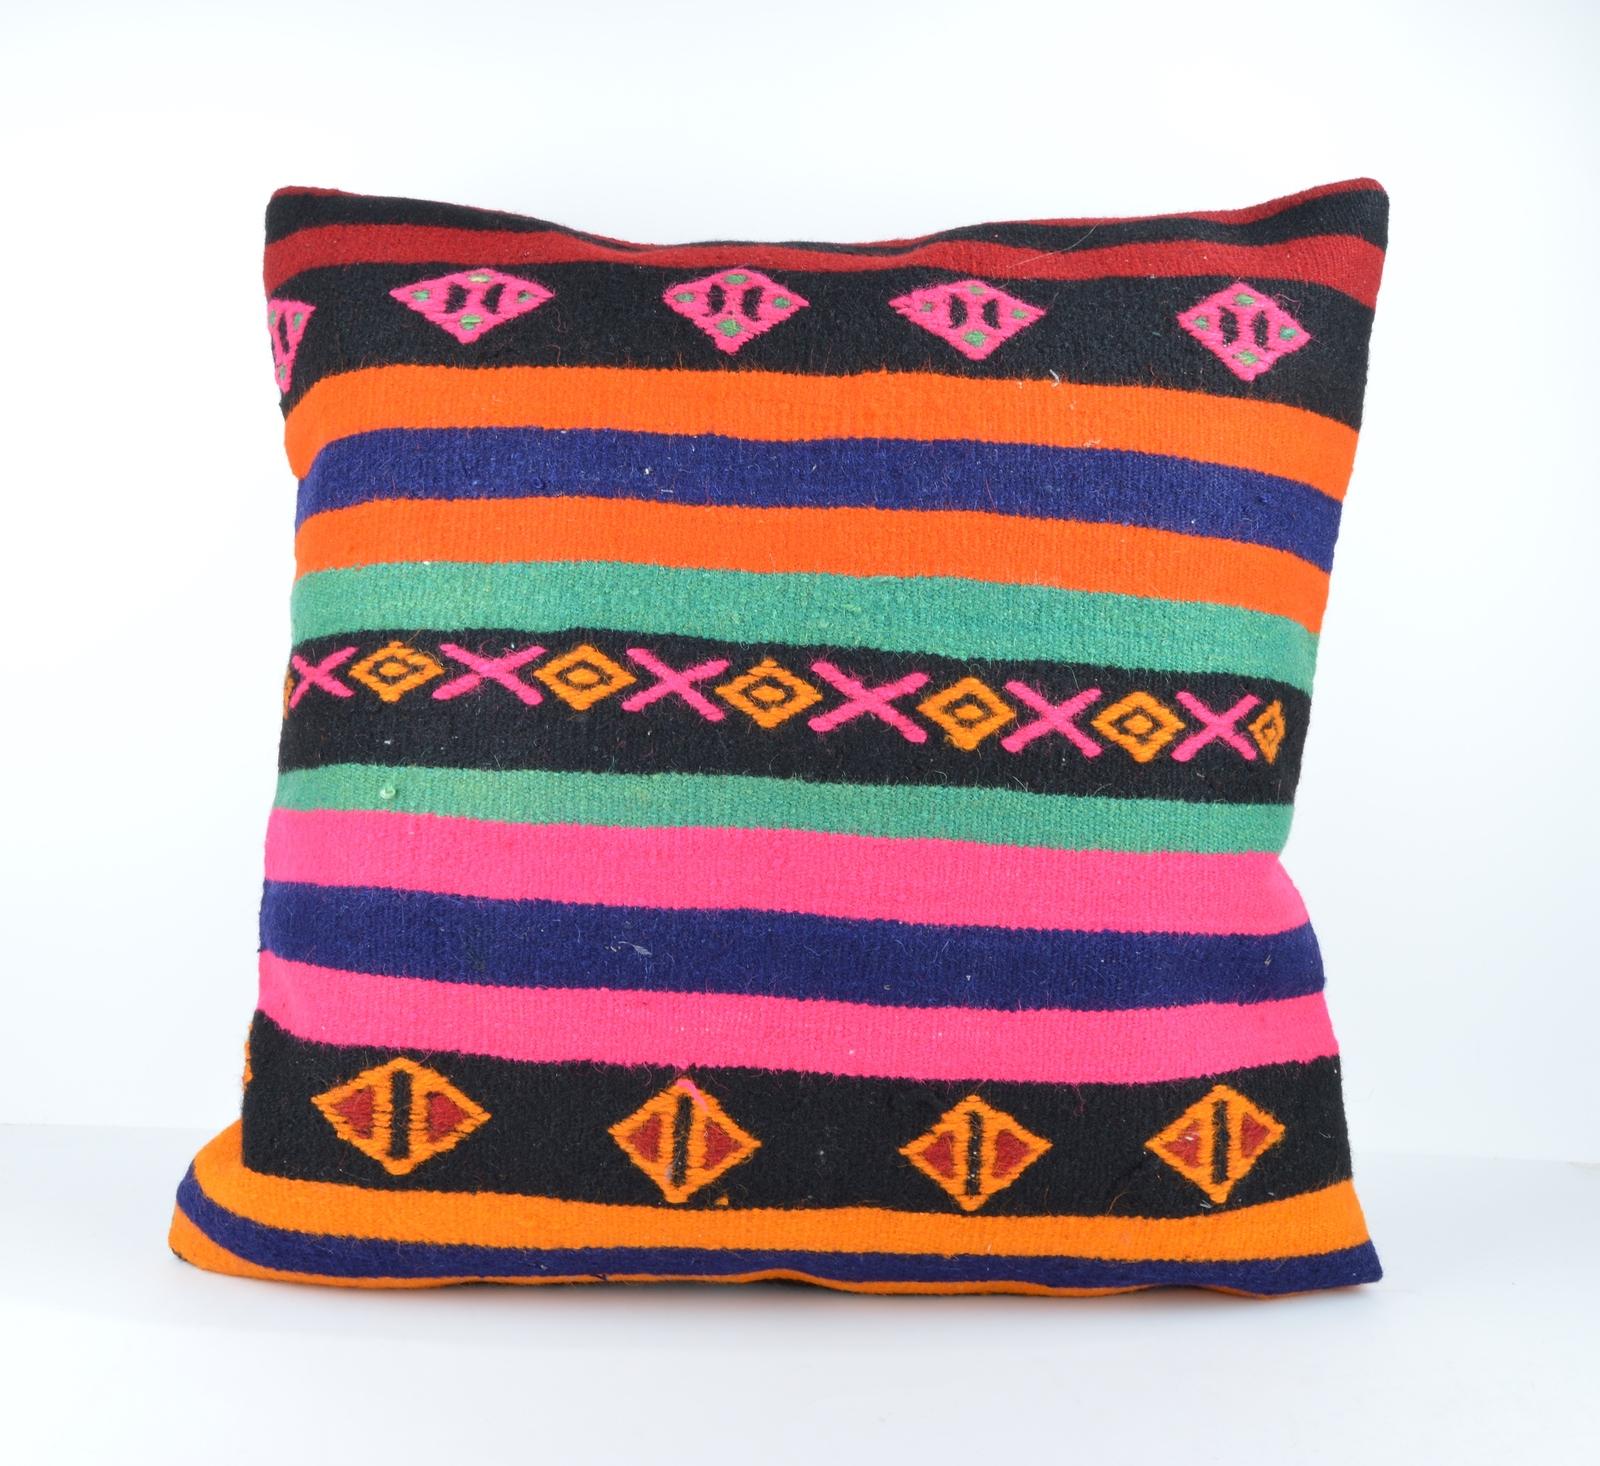 Big Throw Pillow Covers : 24x24 large kilim pillow big pillow decorative pillow cover large cushion case - Pillows